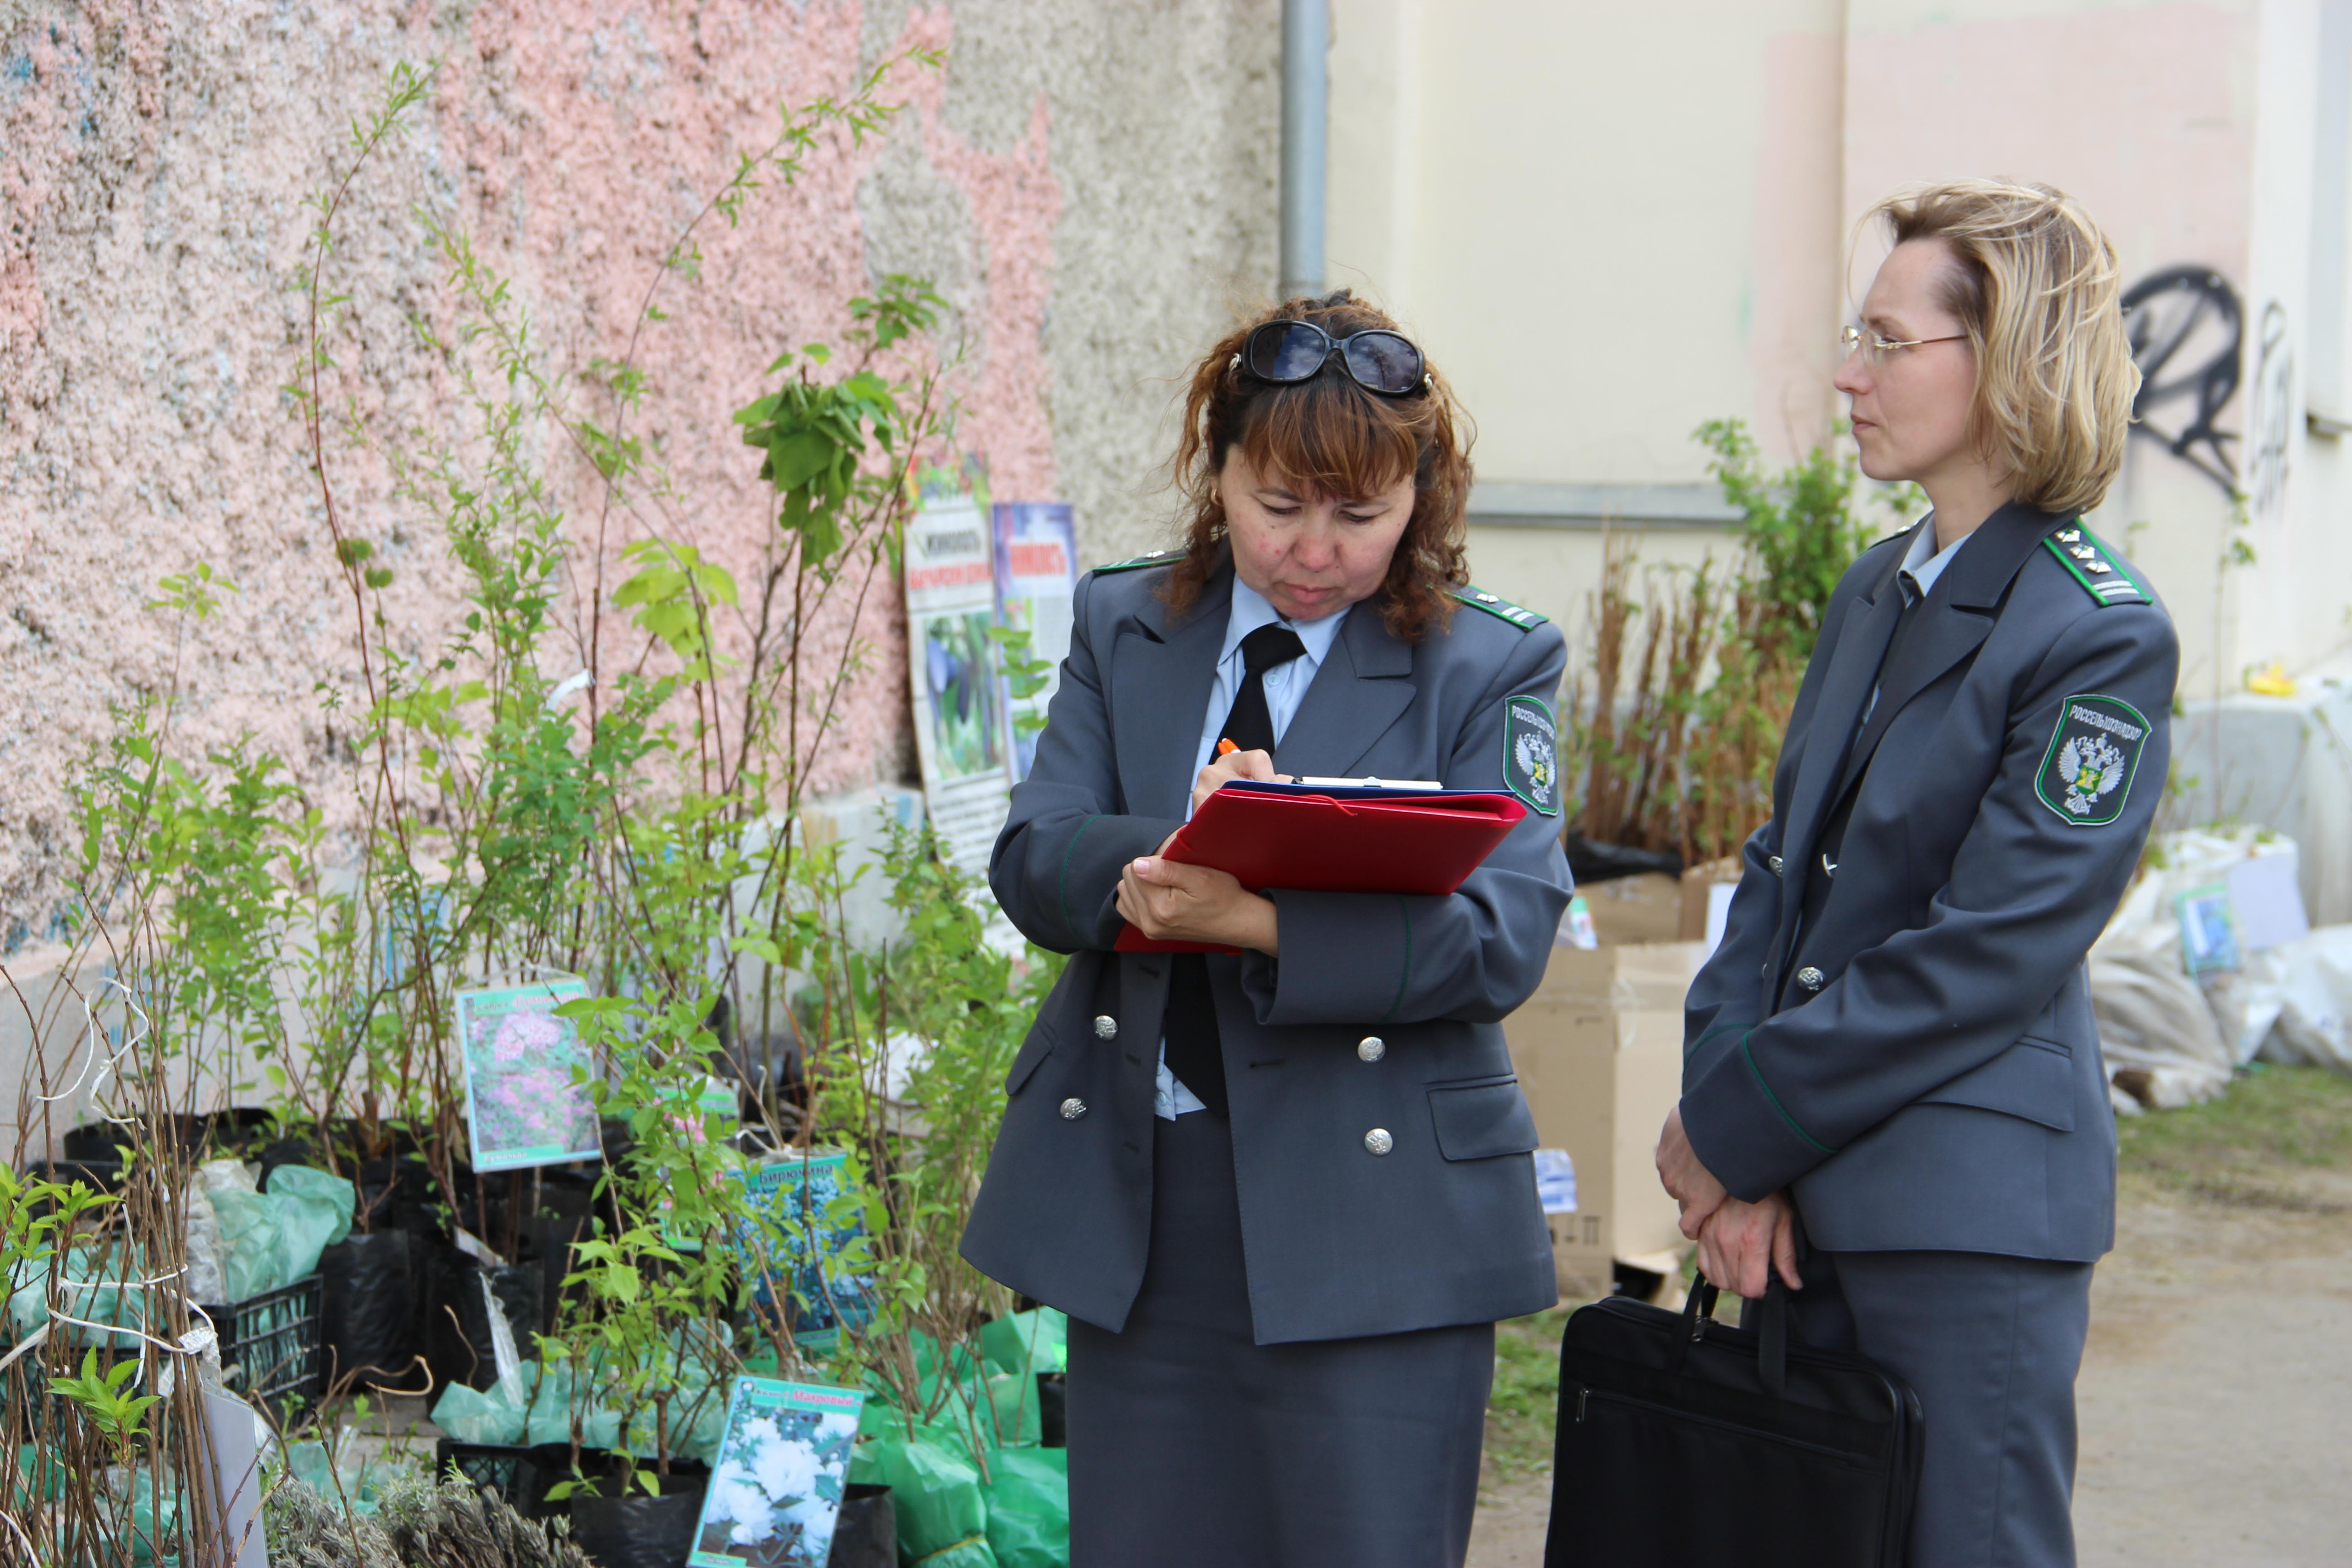 В Екатеринбурге пресекли незаконную торговлю саженцами деревьев